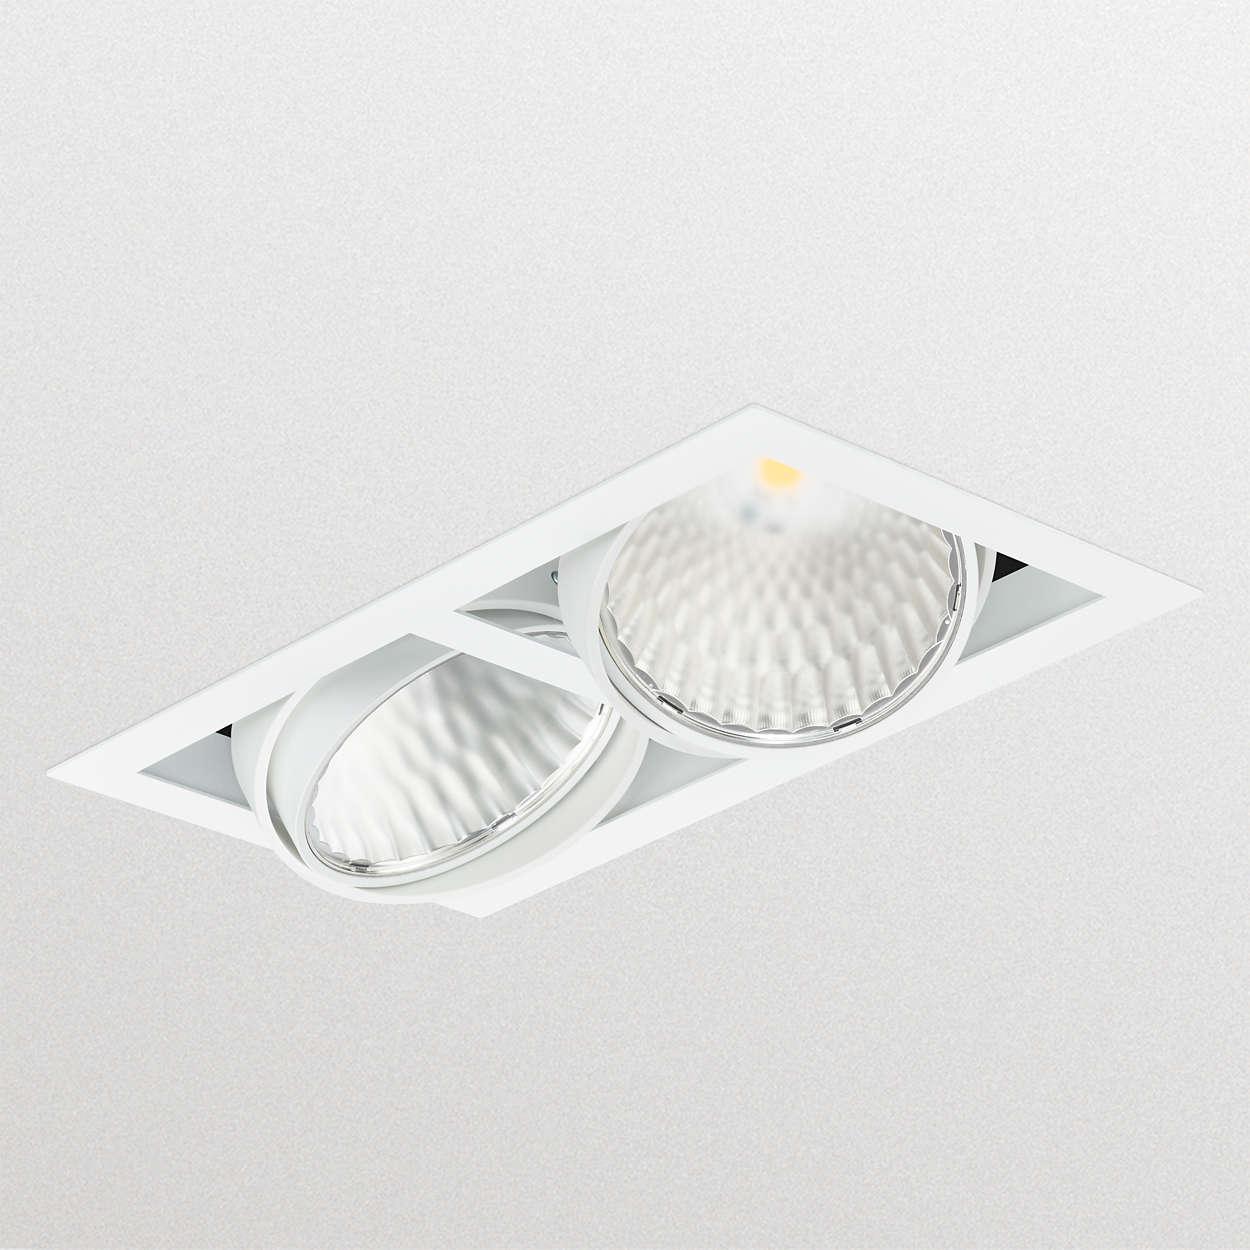 Solución modularideal para sustitución de luminarias con CDM